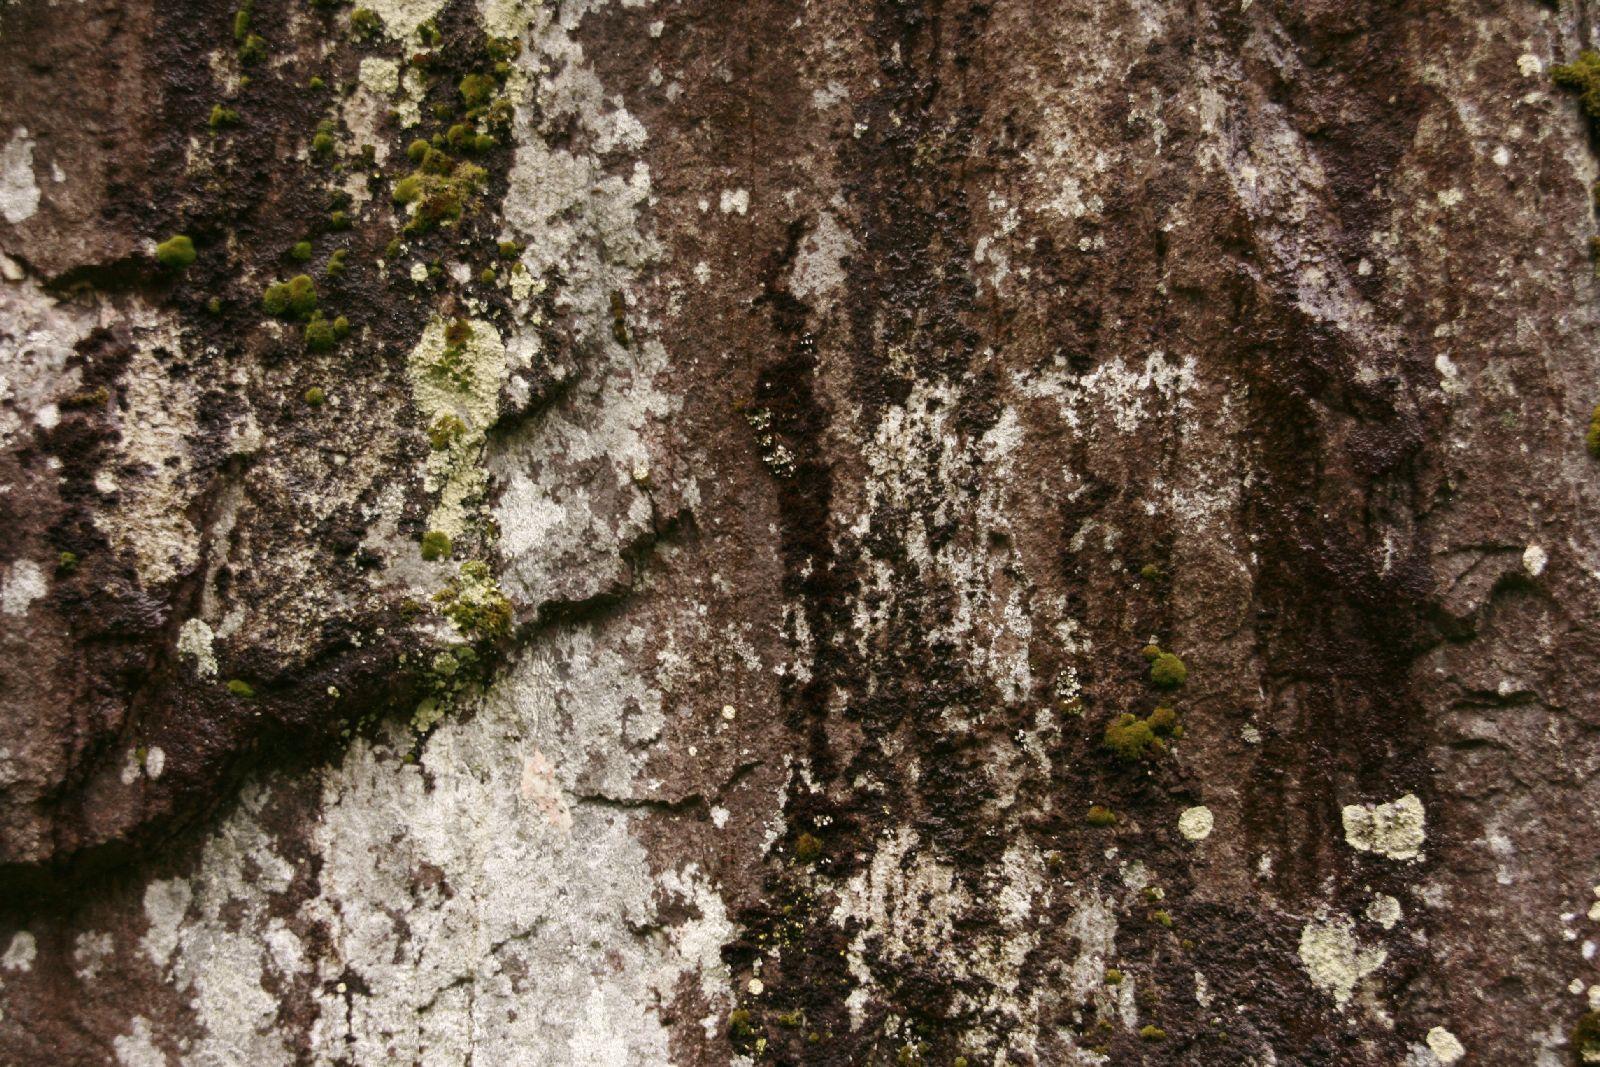 Grunge-Dreck_Textur_A__MG_2625